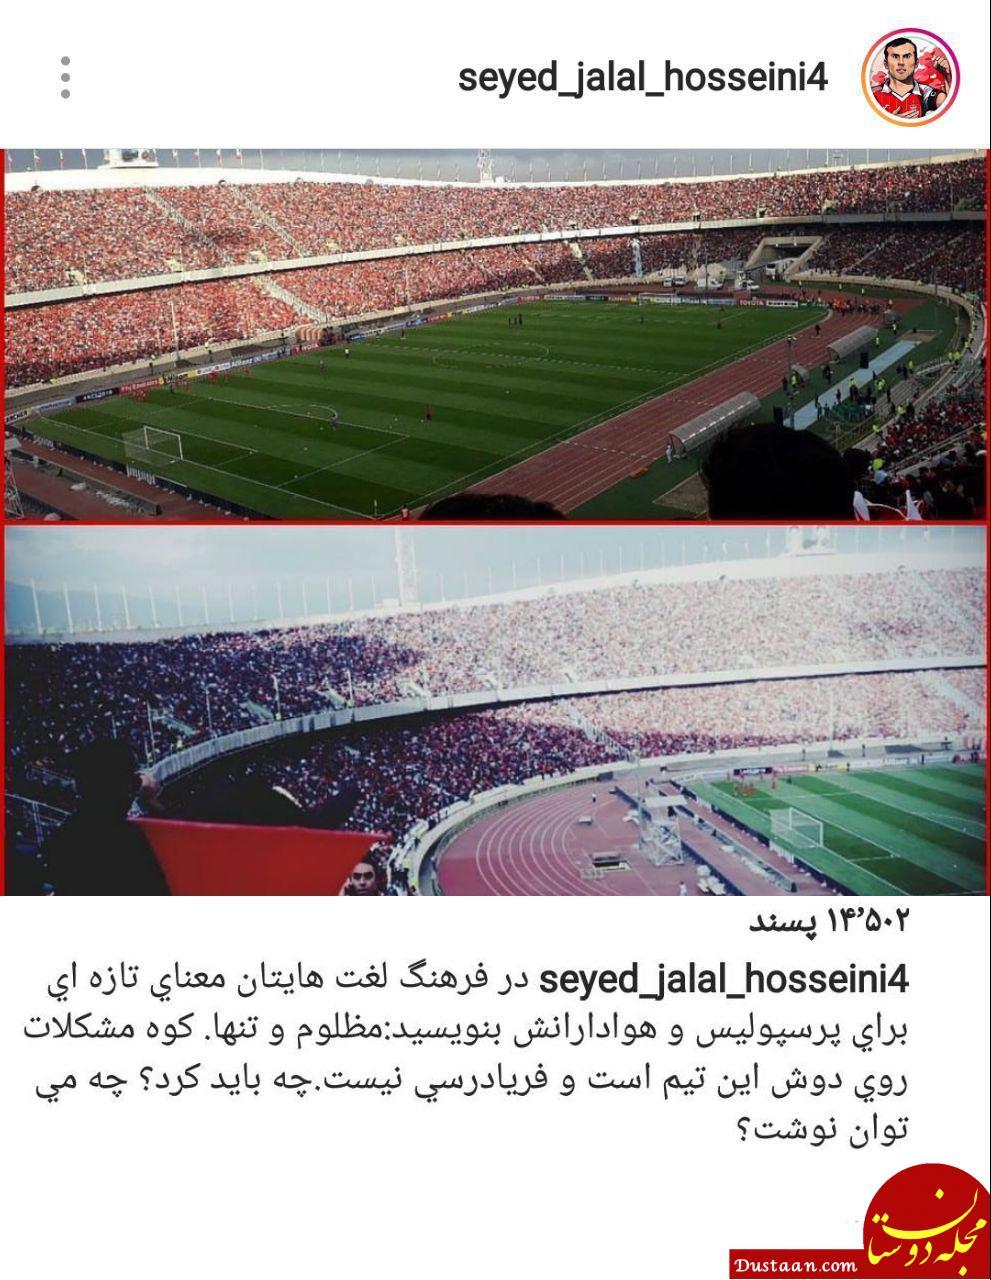 پست اینستاگرامی جلال حسینی در واکنش به مشکلات باشگاه پرسپولیس